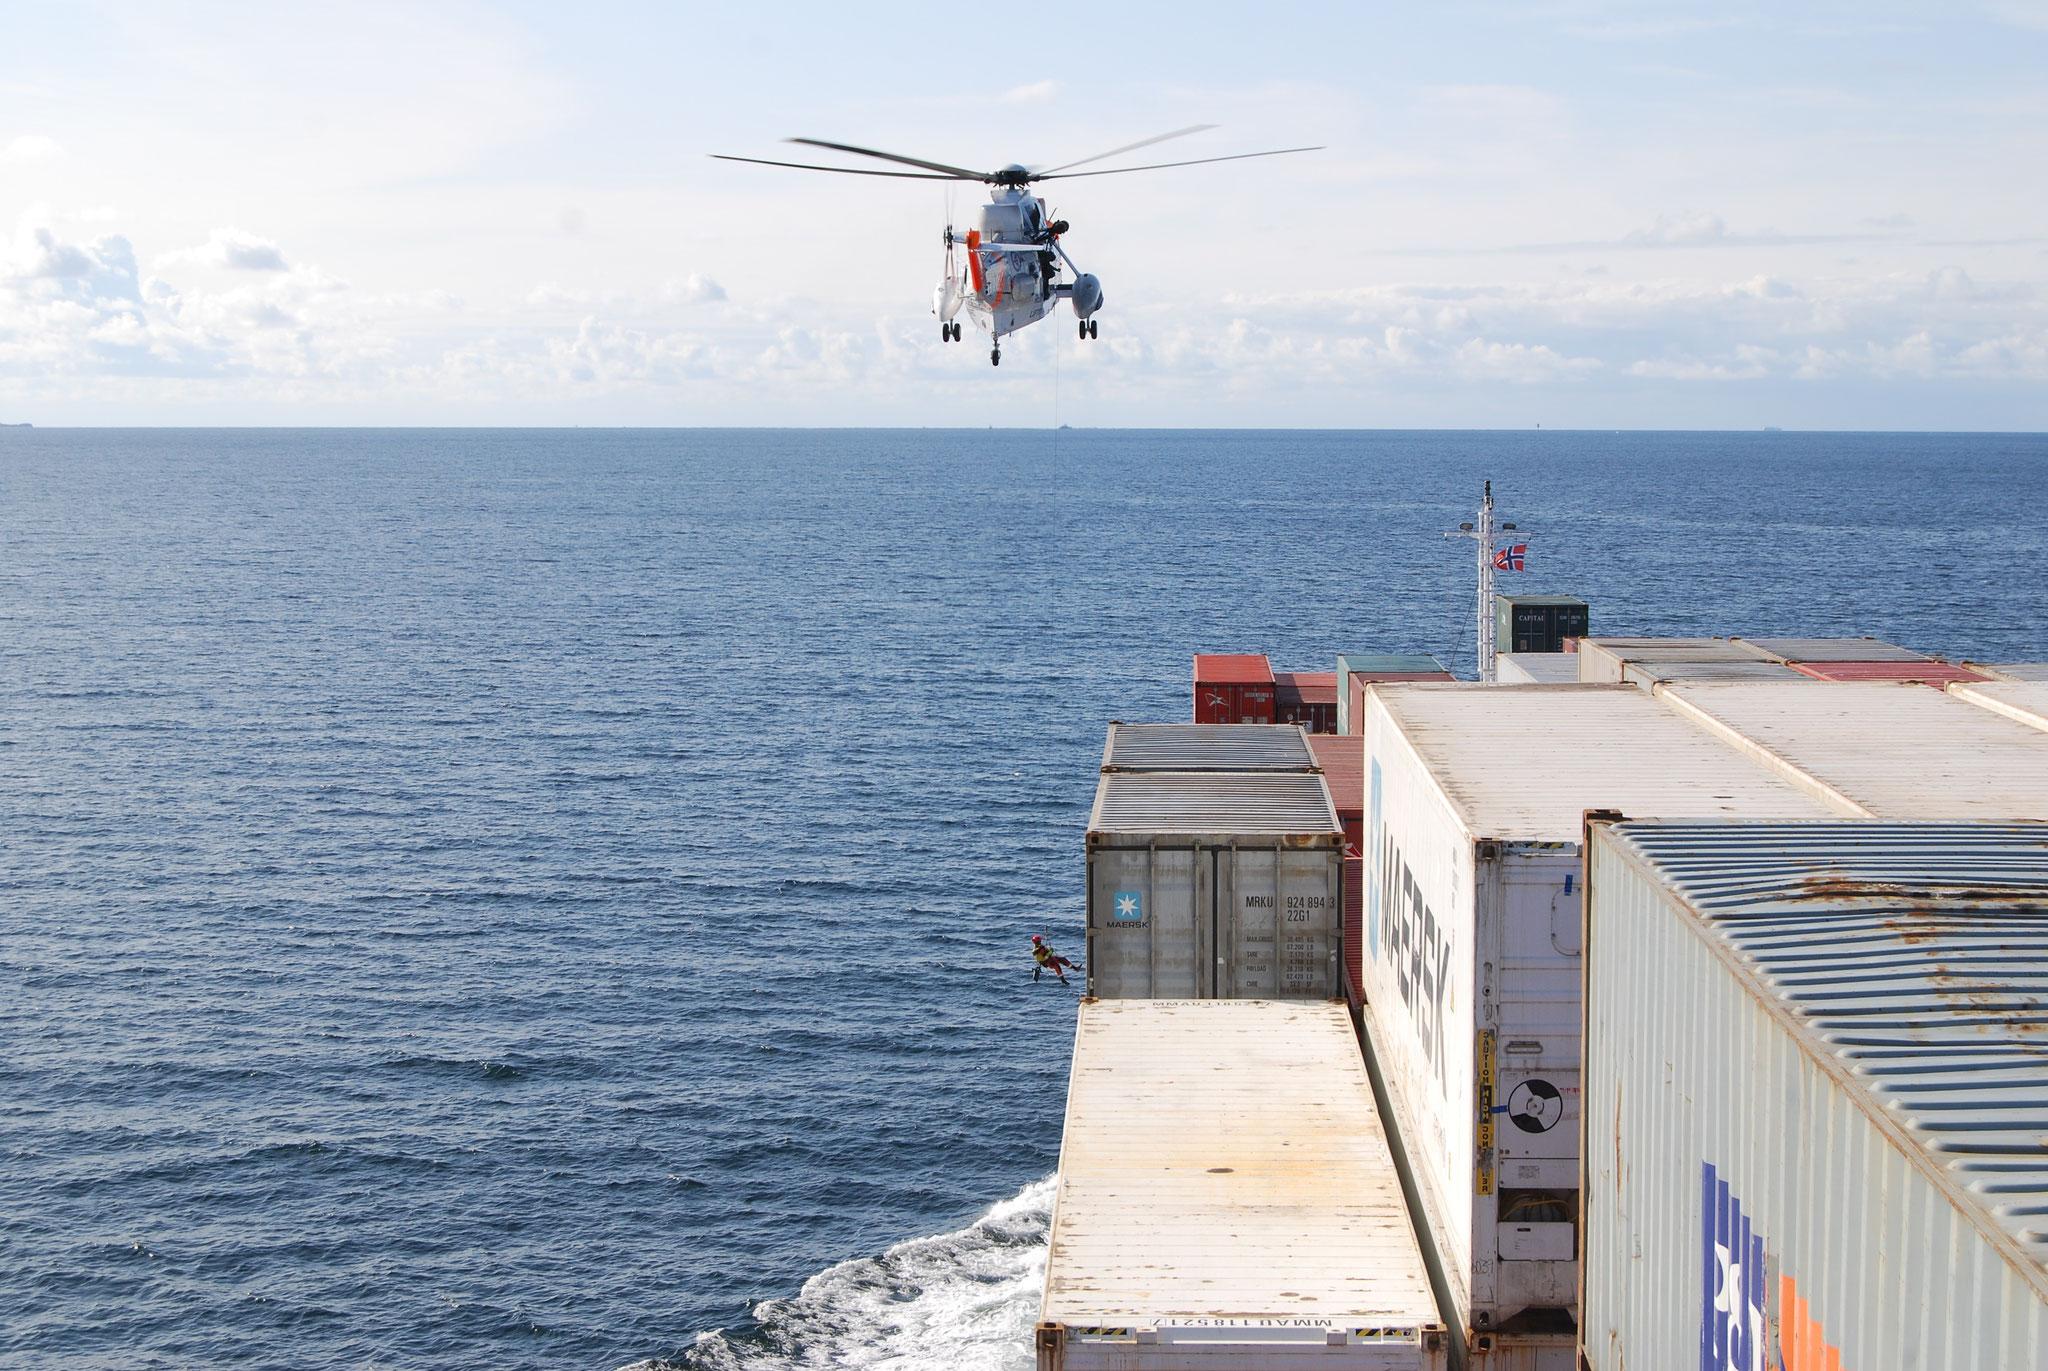 Luftrettungsübung vor norwegischer Küste